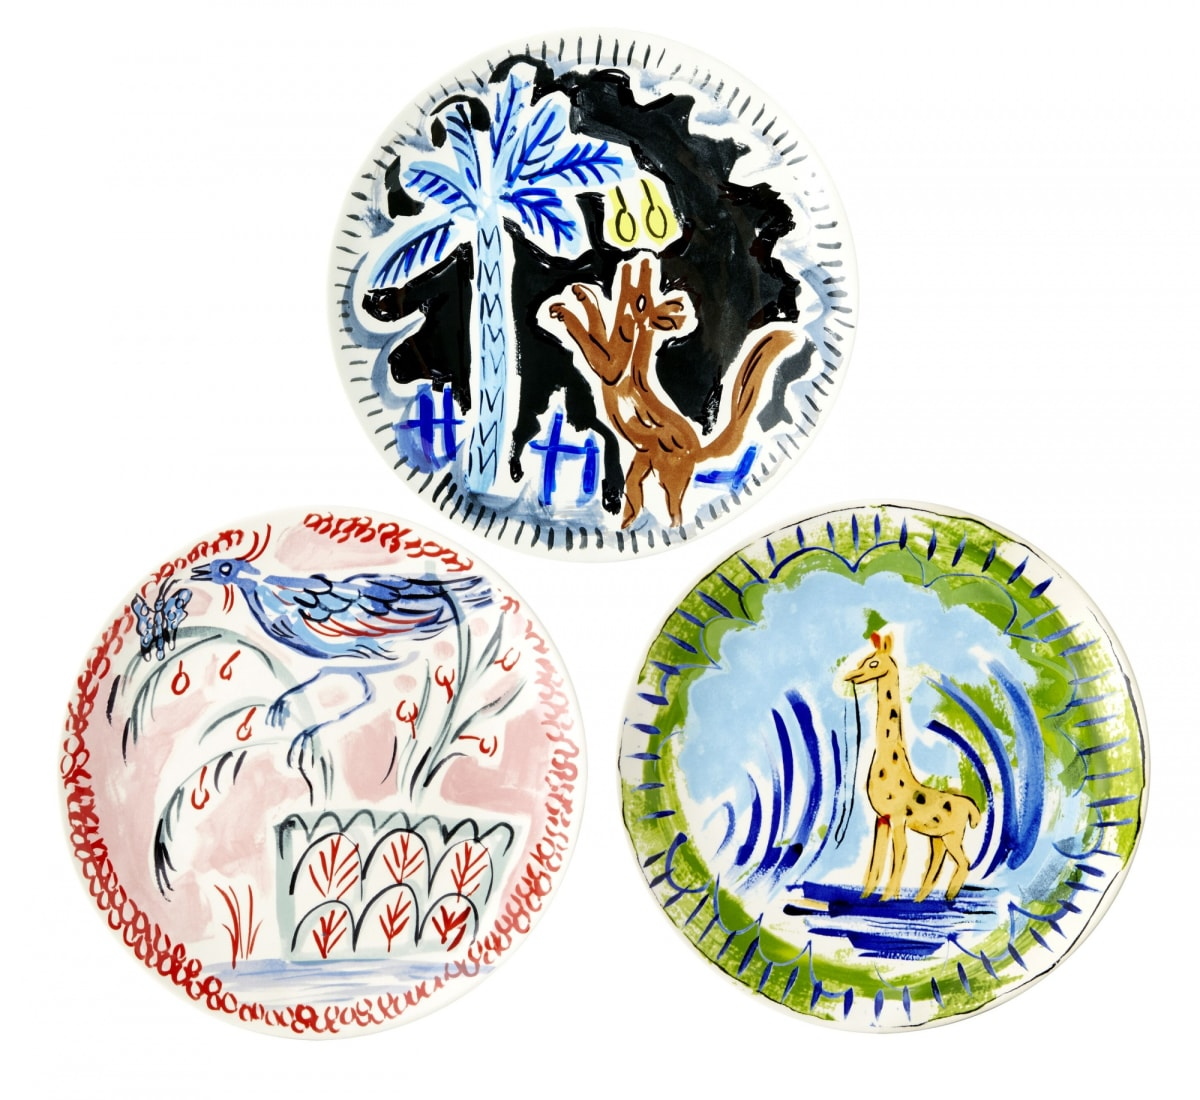 Bela Silva x Monoprix, A artista prepara-se para assinar uma gama de cerâmica para a cadeia gaulesa Monoprix